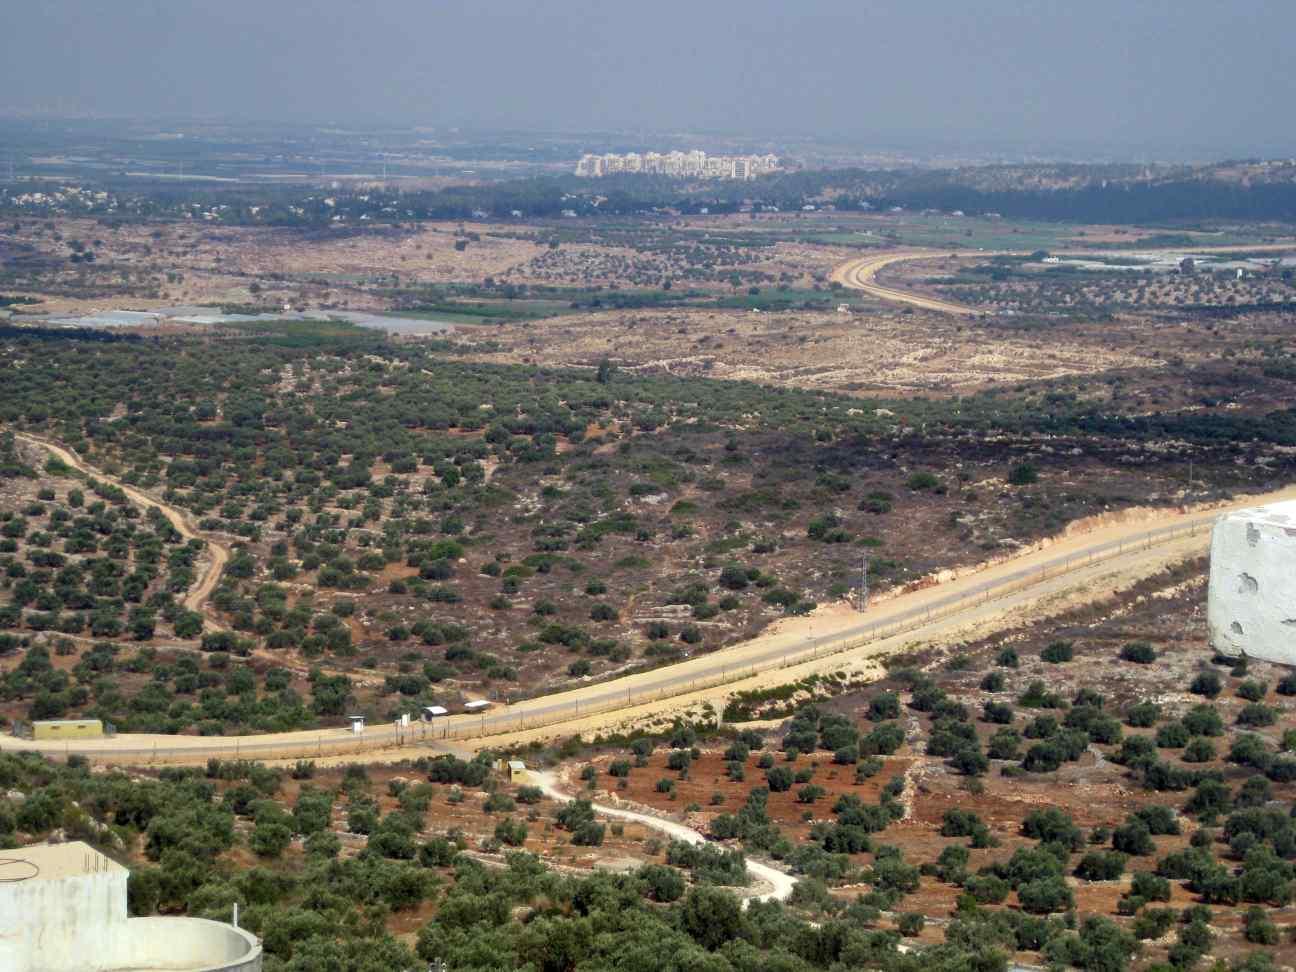 Jayyous - Blick vom Ort auf die Sperranlage